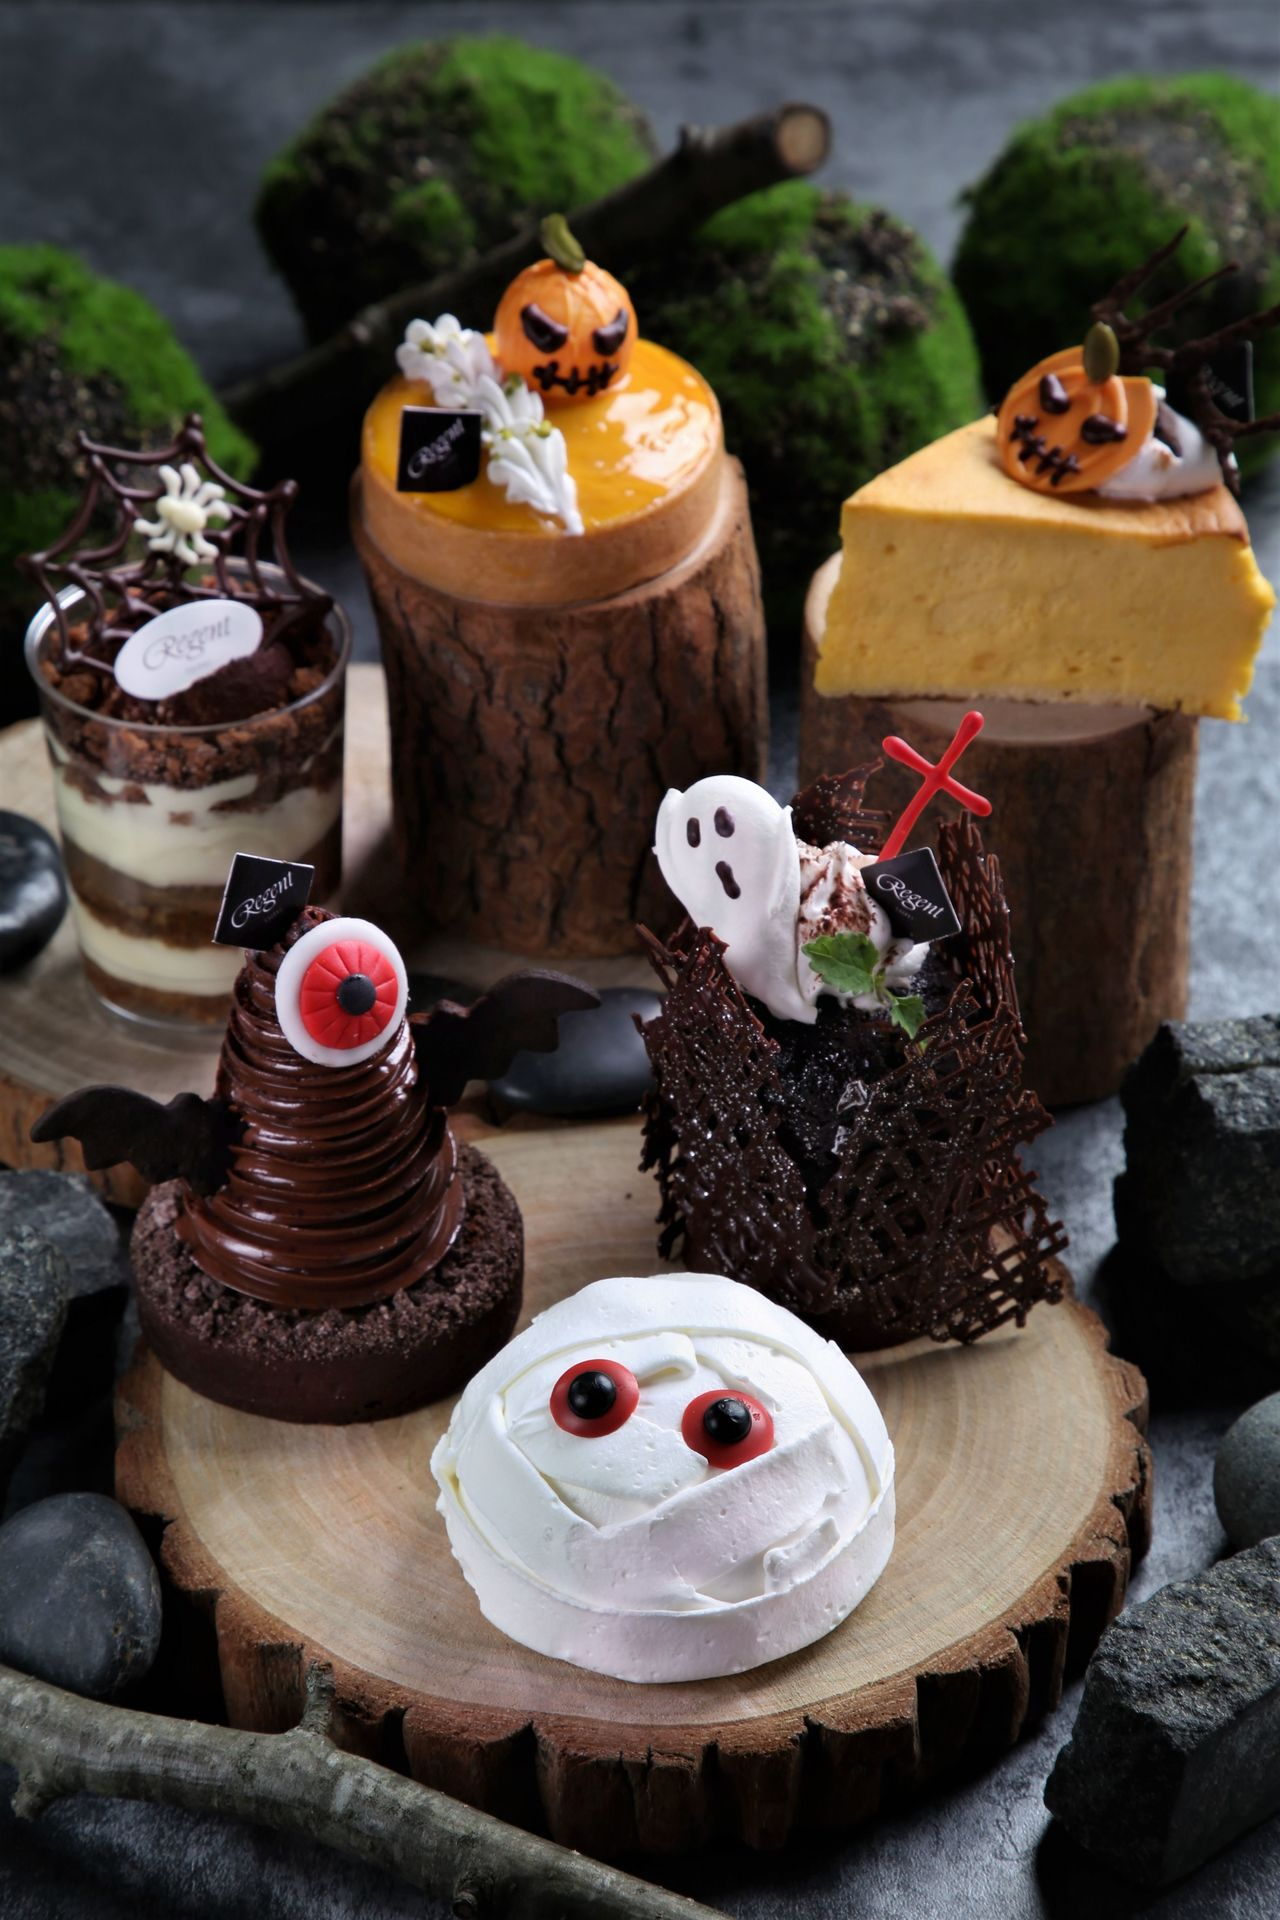 晶華酒店端出多項萬聖節甜點。圖/高雄國賓提供